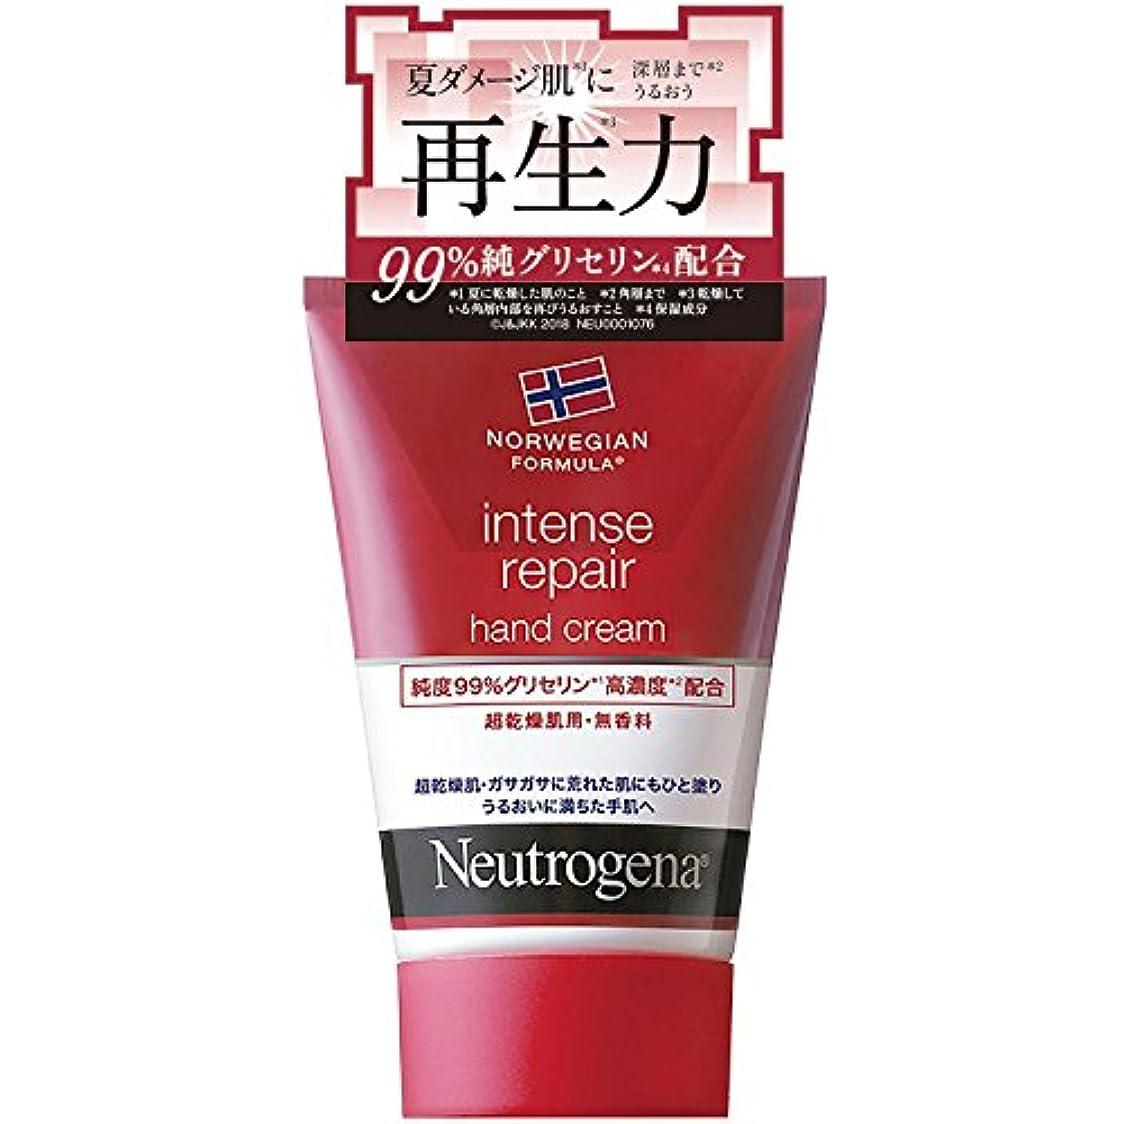 厳瞬時に運動Neutrogena(ニュートロジーナ) ノルウェーフォーミュラ インテンスリペア ハンドクリーム 超乾燥肌用 無香料 単品 50g